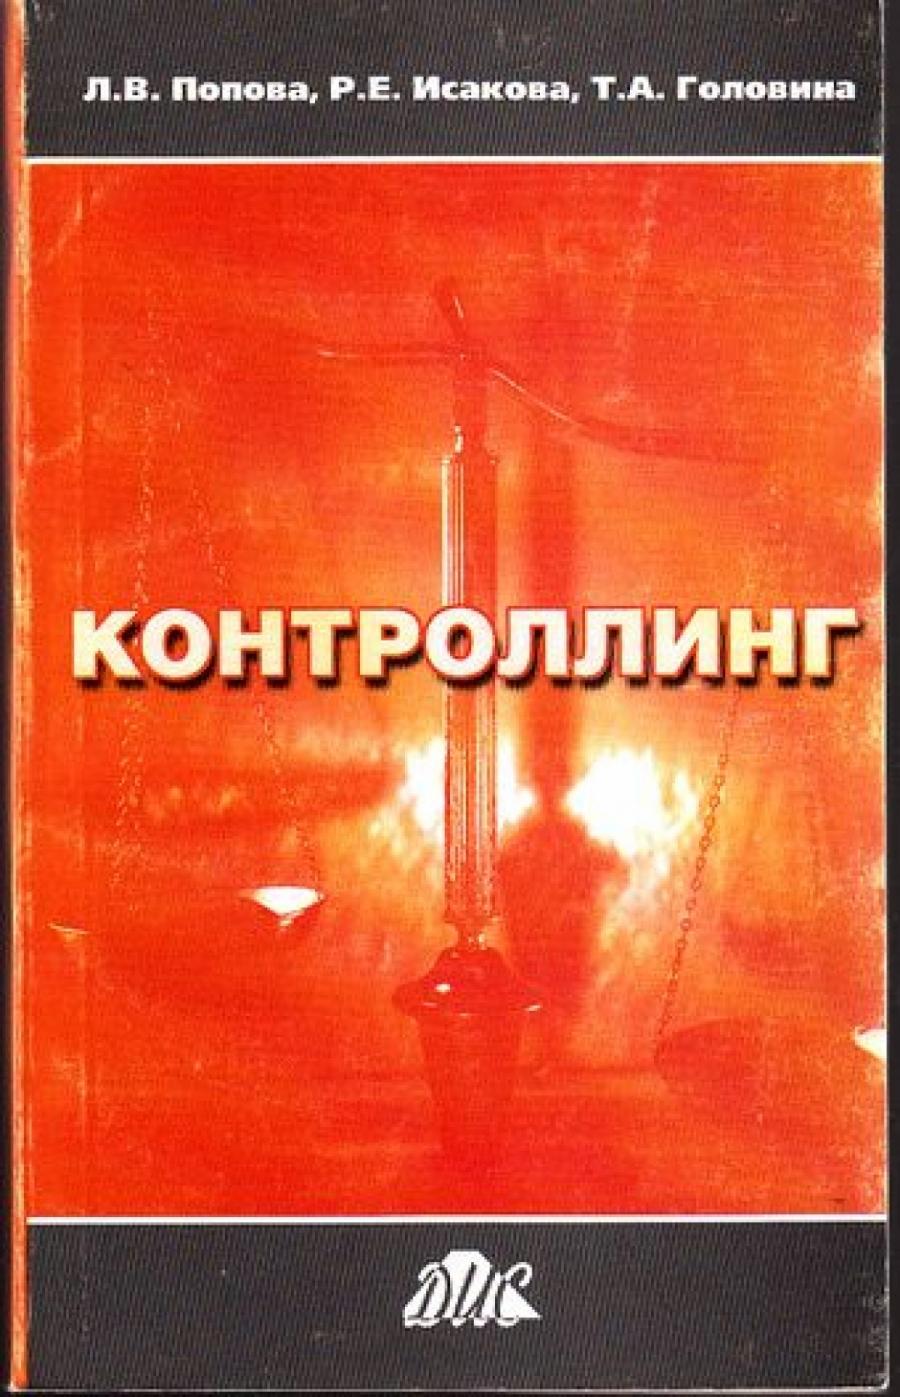 Обложка книги:  попова л.в., исакова р.е., головина т.а. - контроллинг.